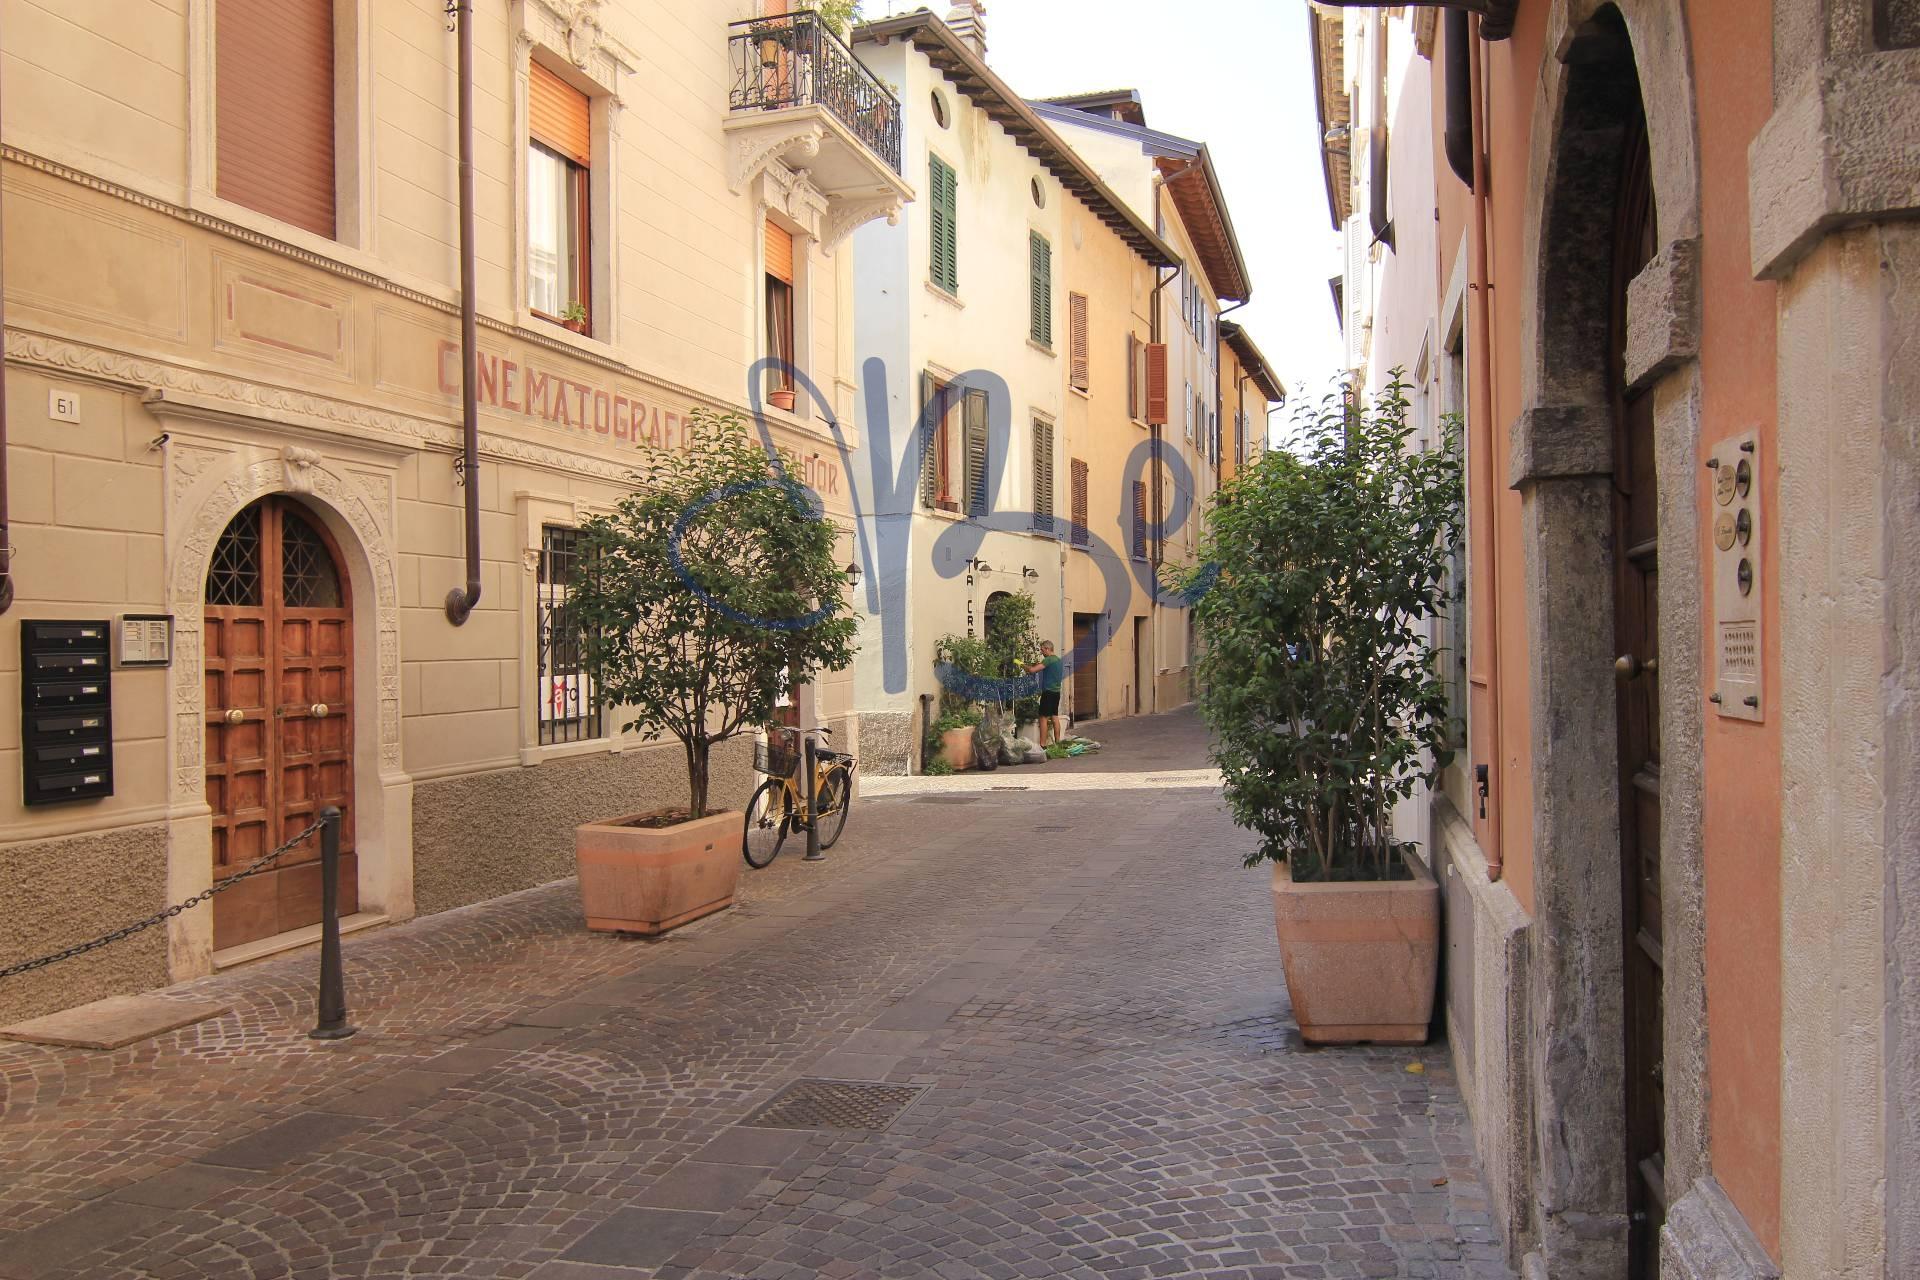 Negozio / Locale in affitto a Salò, 9999 locali, prezzo € 850 | CambioCasa.it